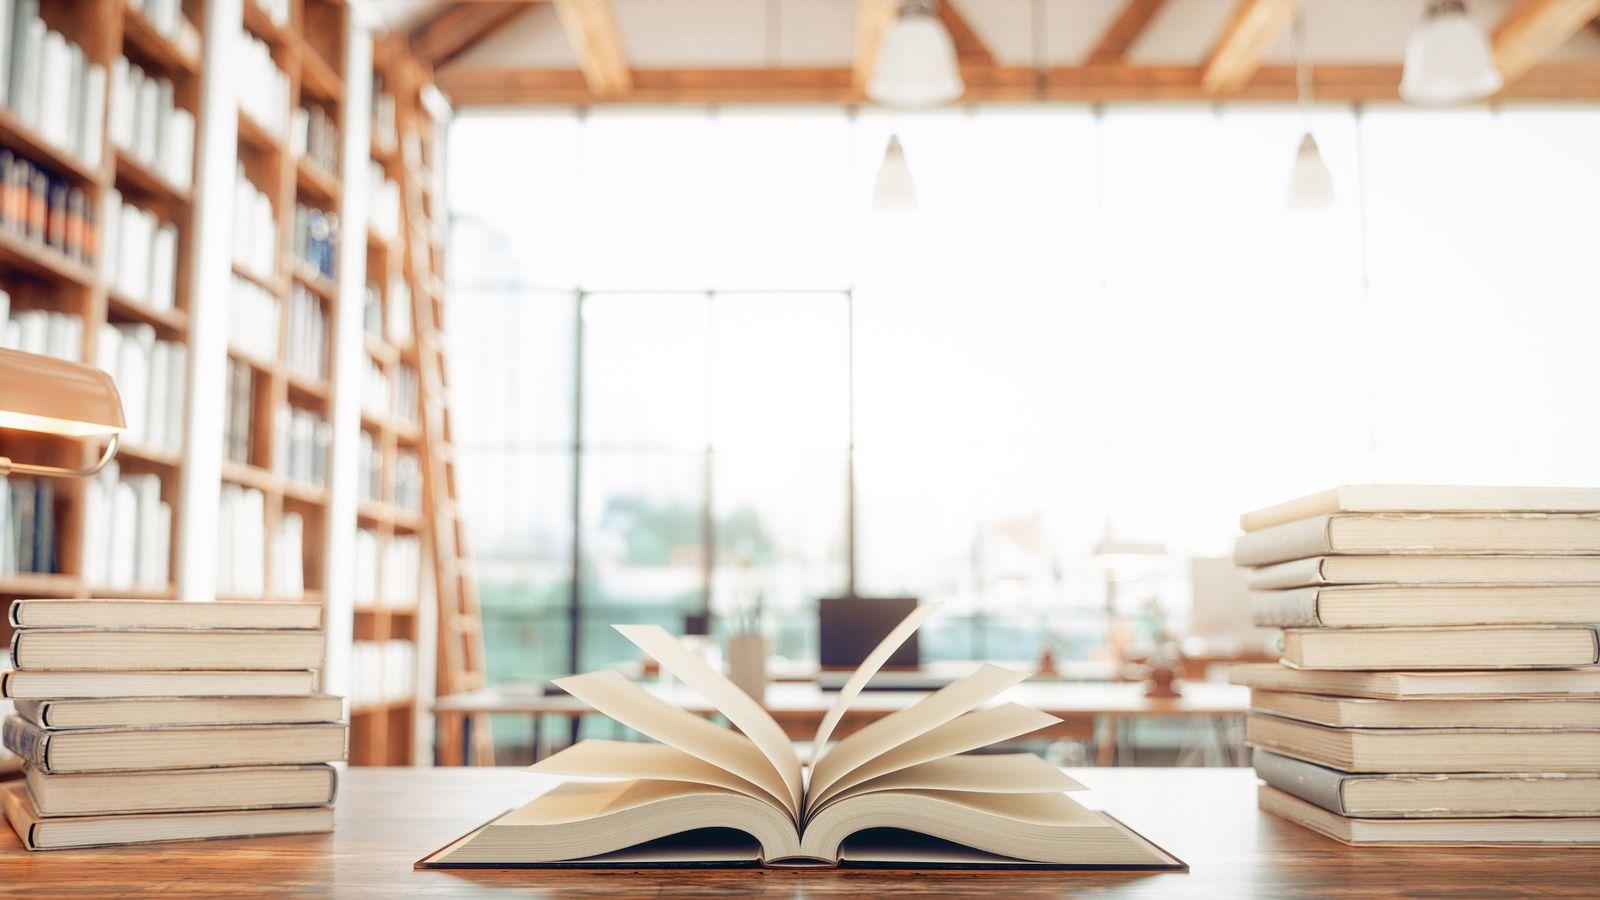 読書家が注目する「8月のビジネス書」ベスト20 1位は「脳内科医」が書いた片づけ本